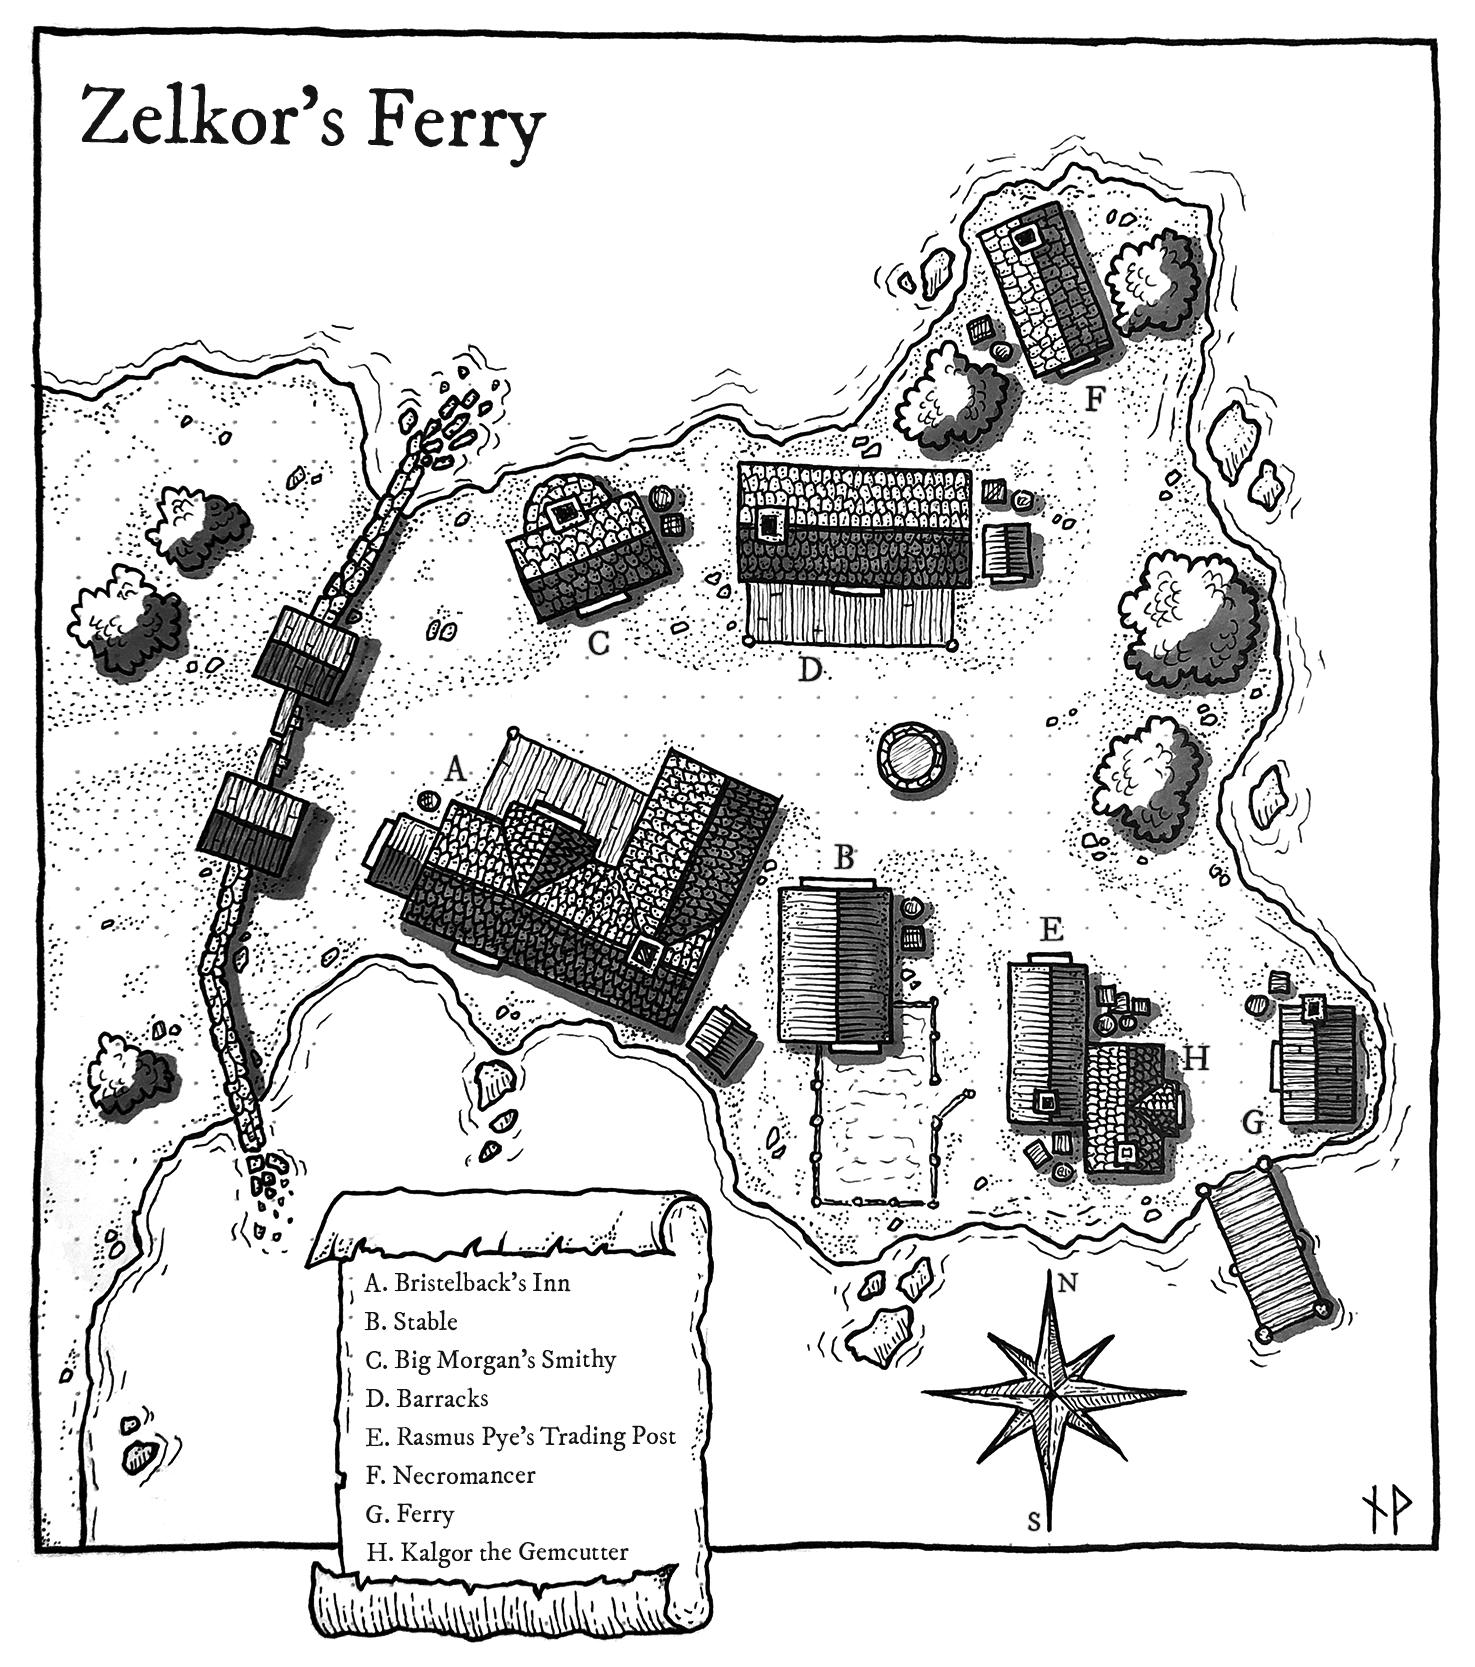 Map of Zelkor's Ferry